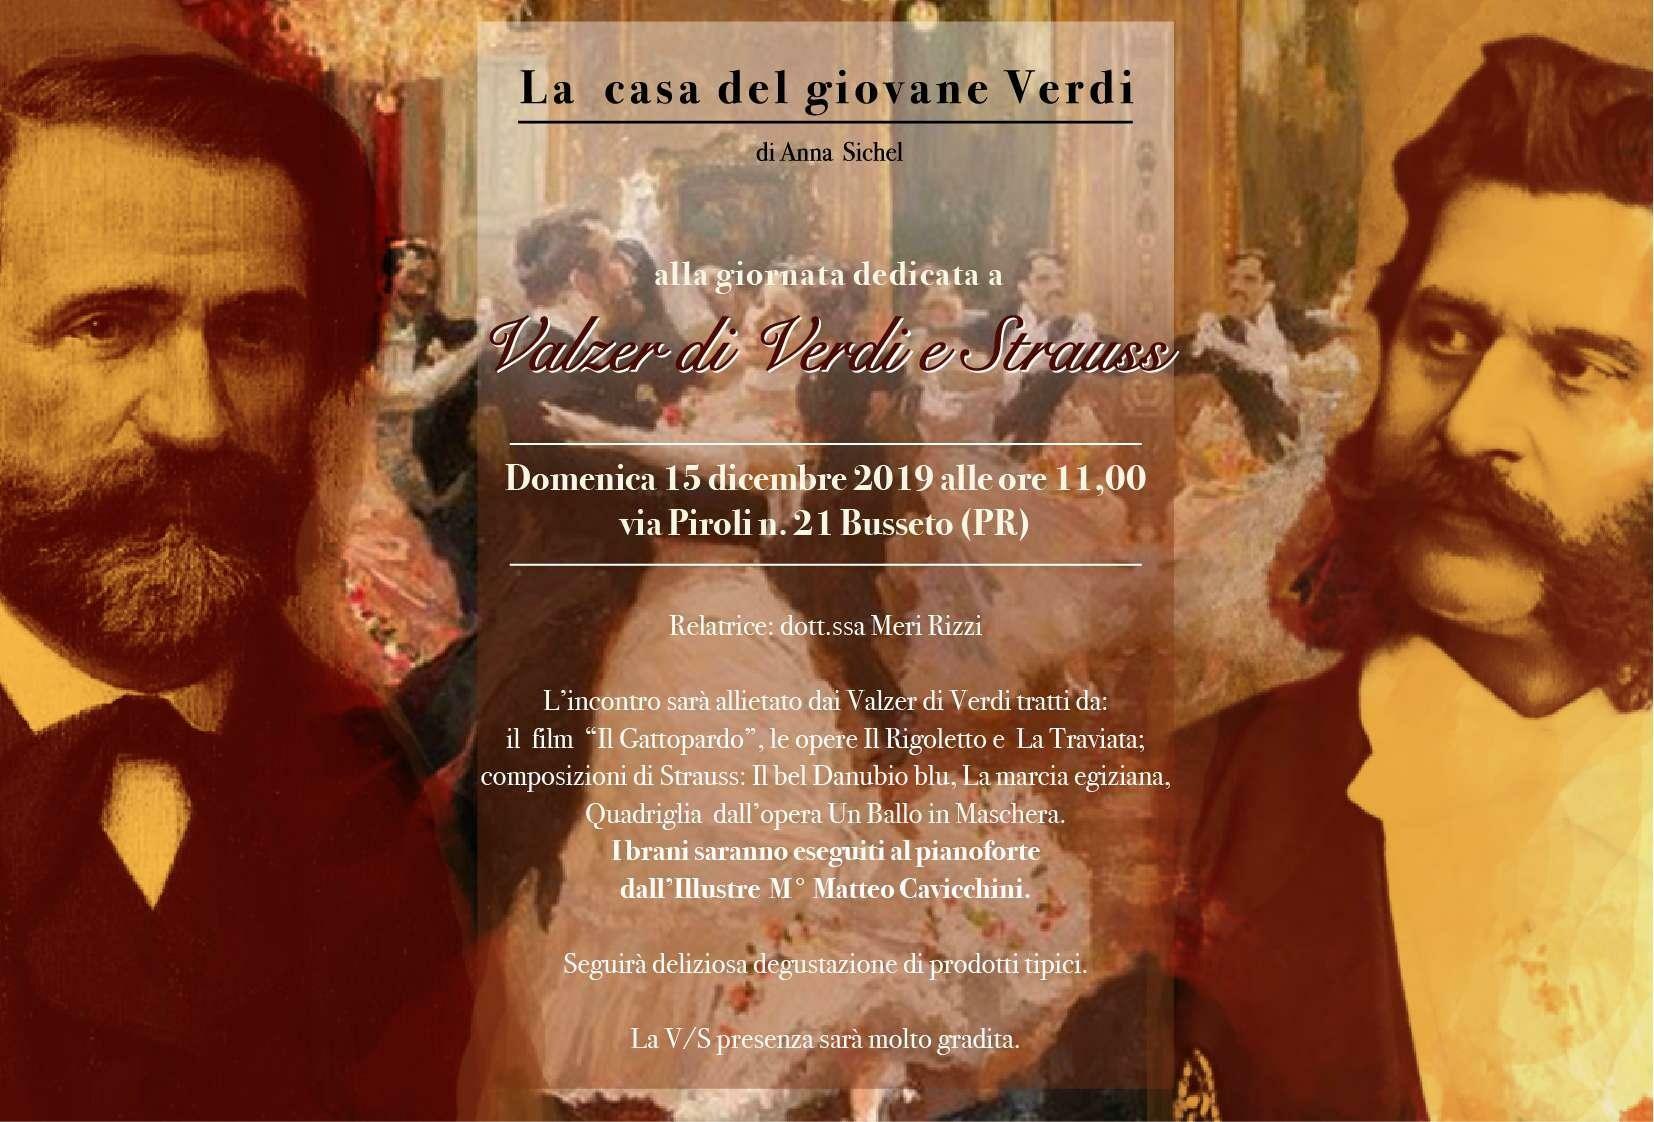 Alla casa del giovane Verdi: valzer di Verdi e Strauss